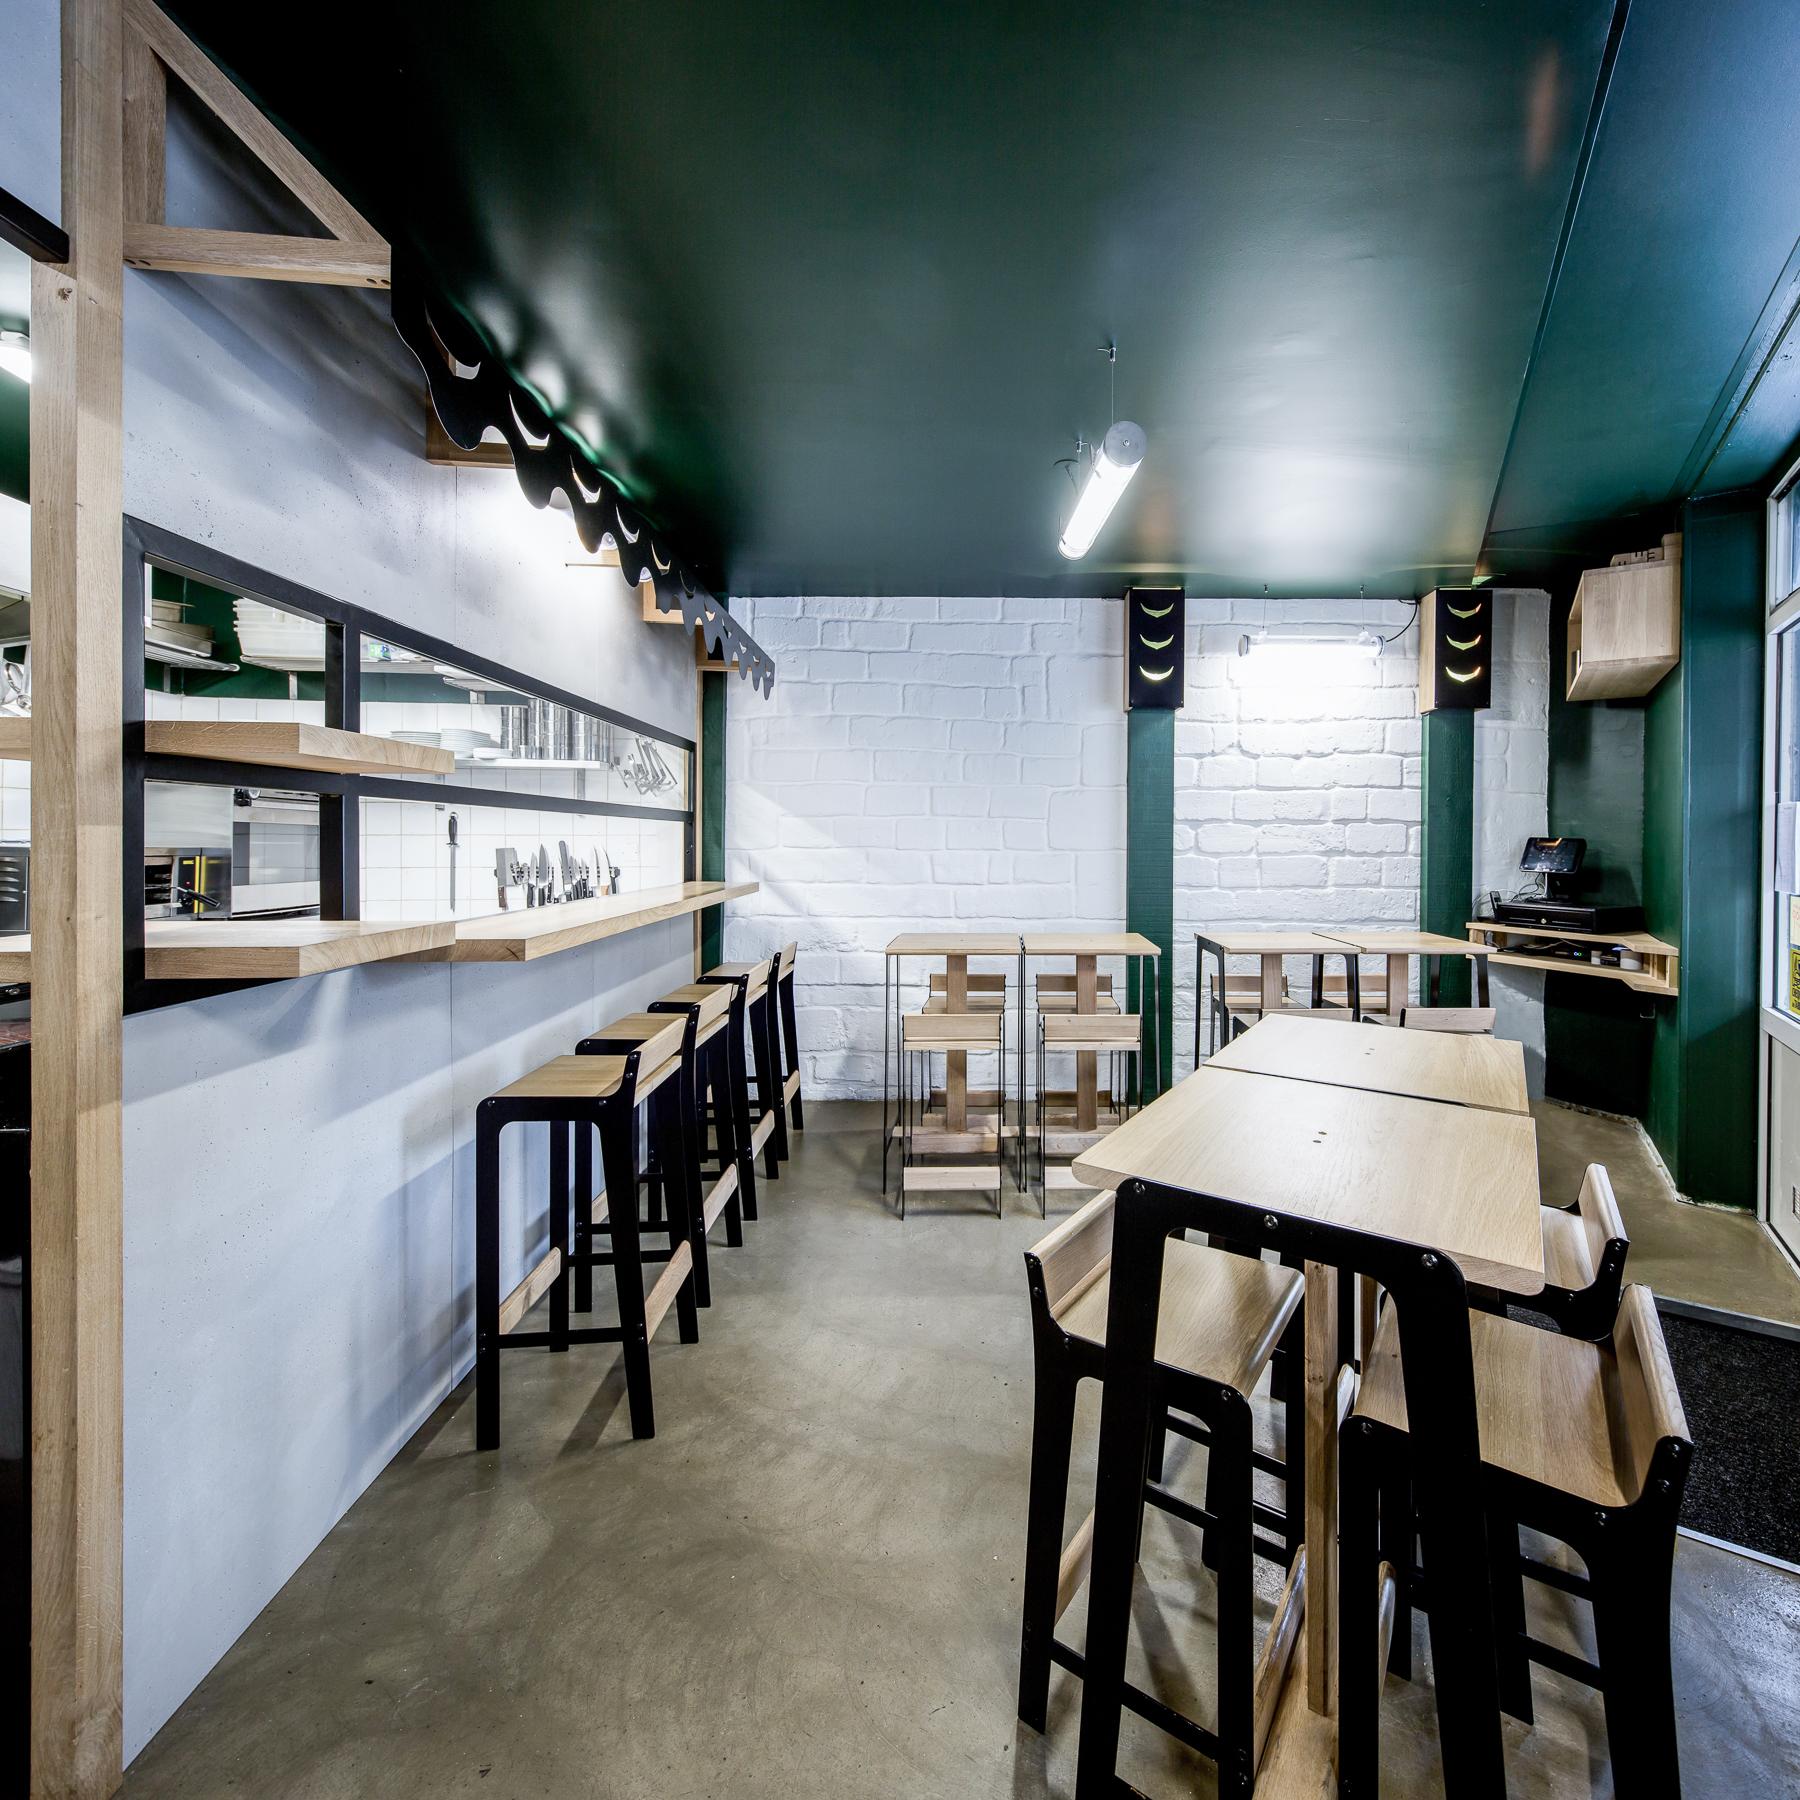 Aménagement restaurant Hutong Bordeaux Cloison cuisine chaises table Dircks